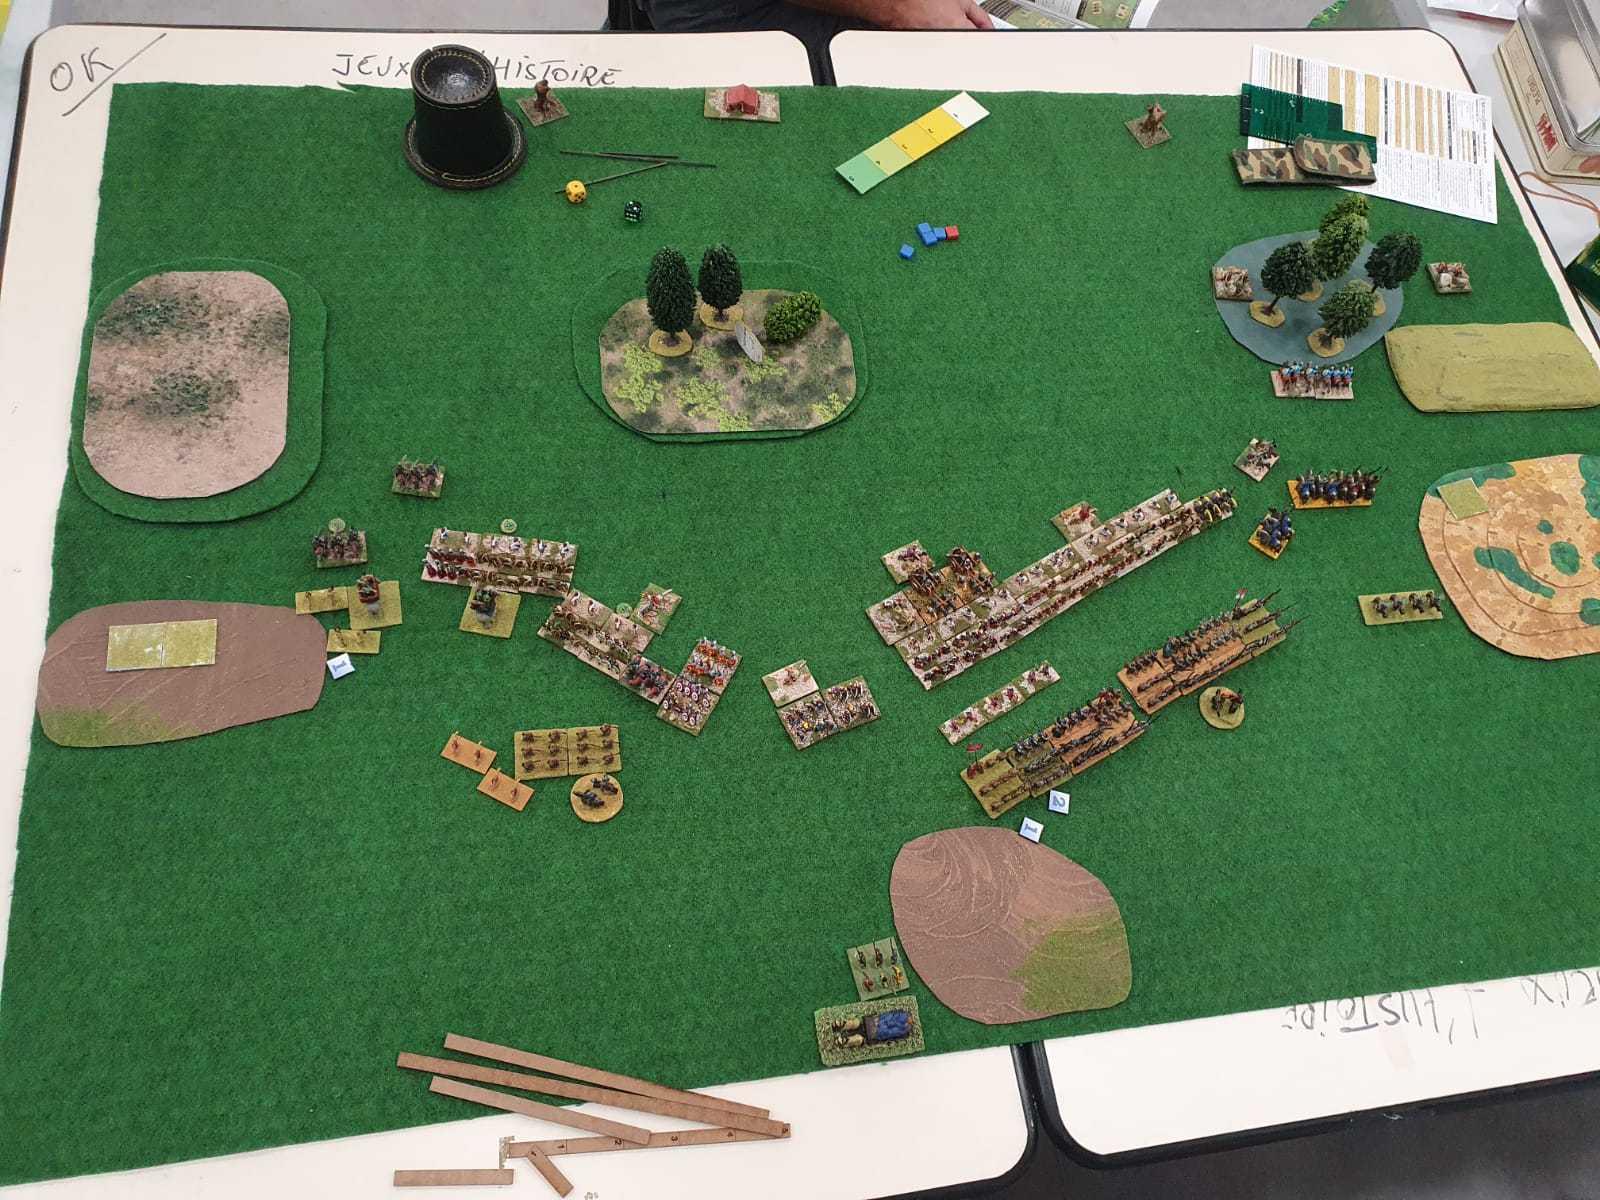 Vue aérienne du champ de bataille 300 points Romains Bas Empire vs Séleucides.